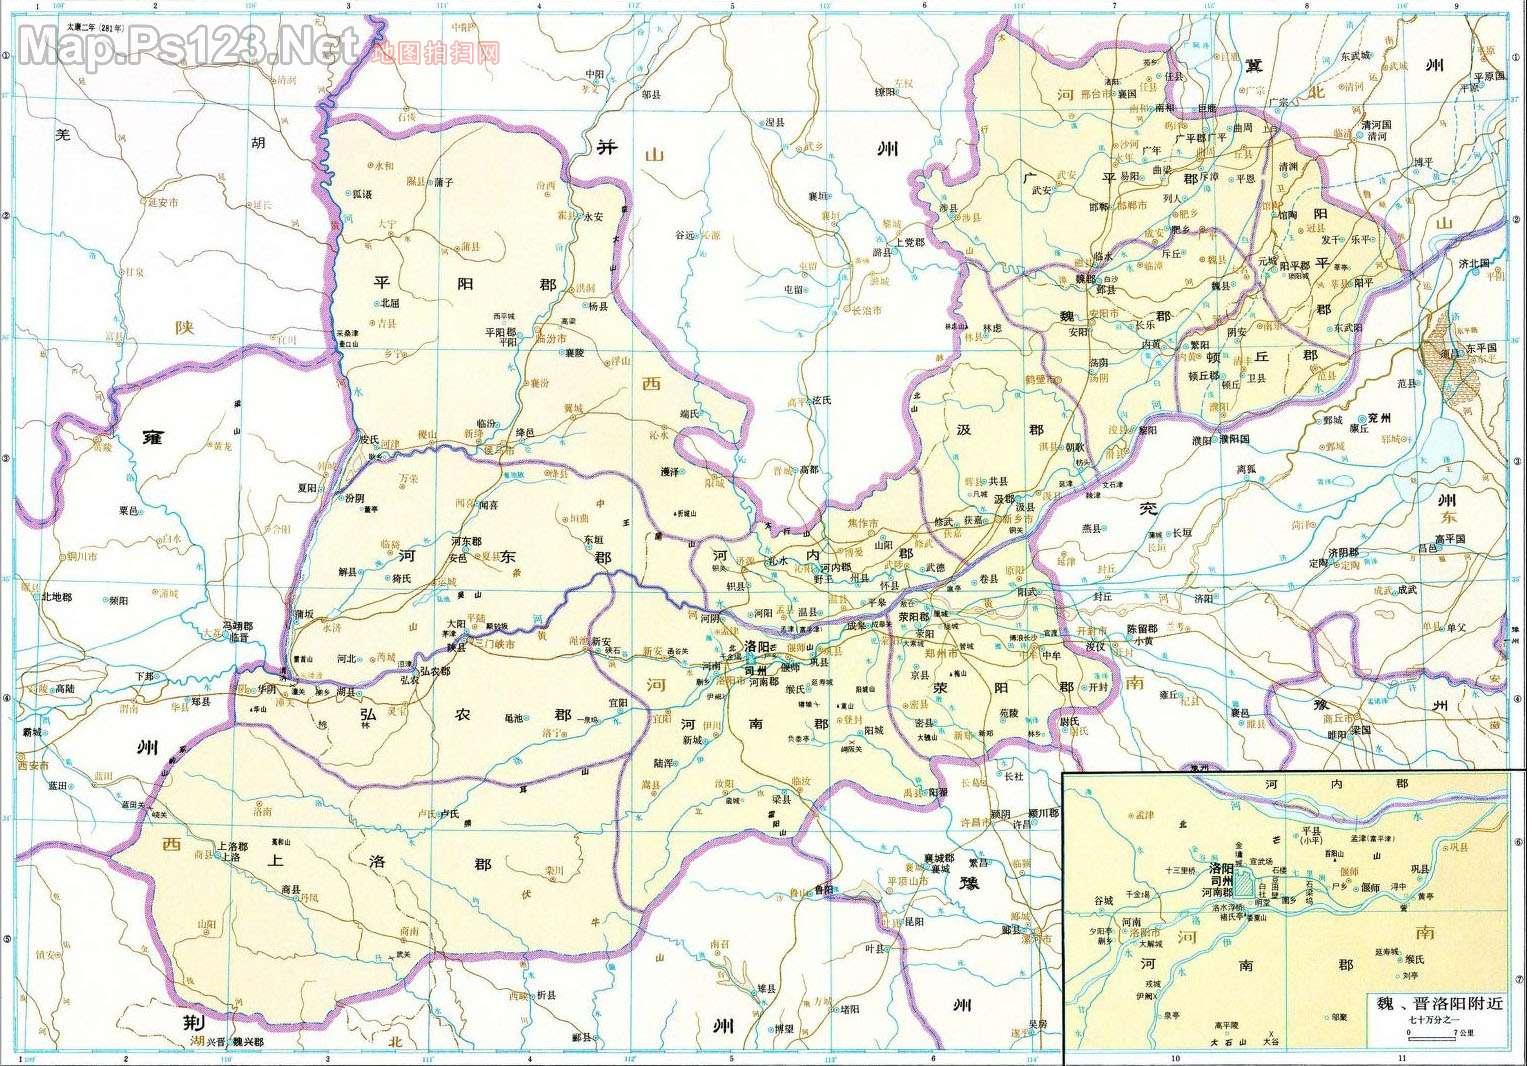 历史地图:司州(西晋)_中国史稿地图地图库_地图窝图片